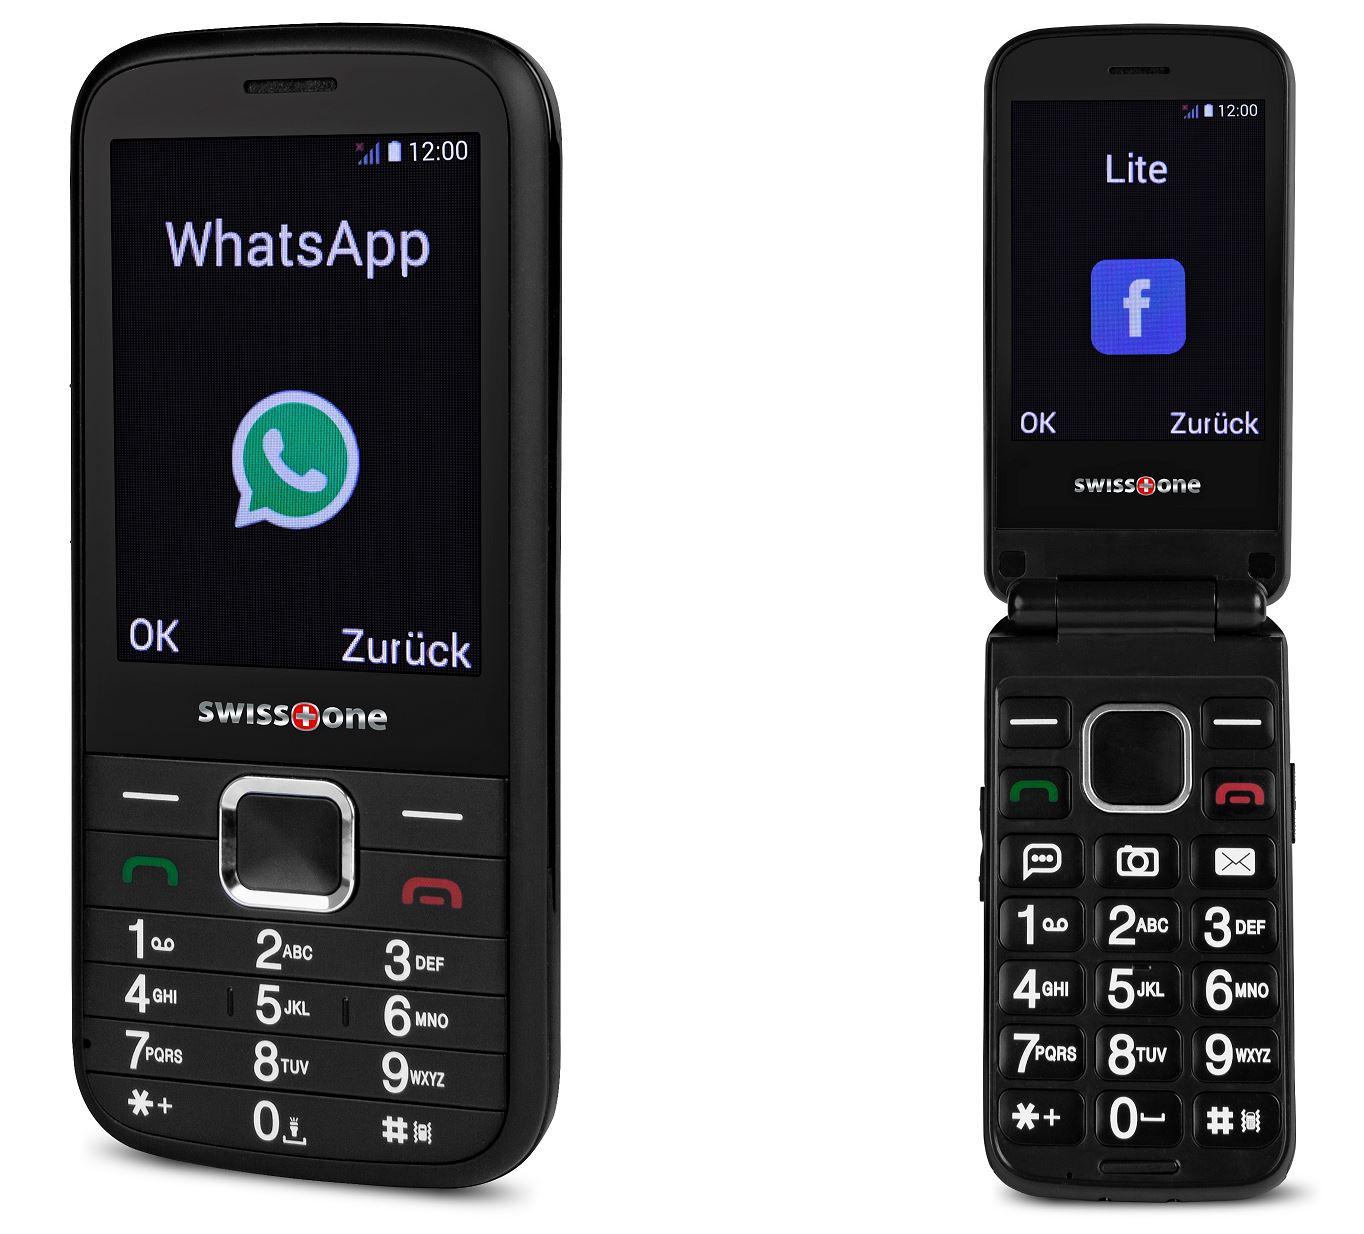 swisstone bbm 680 und 570 senioren handys mit whatsapp